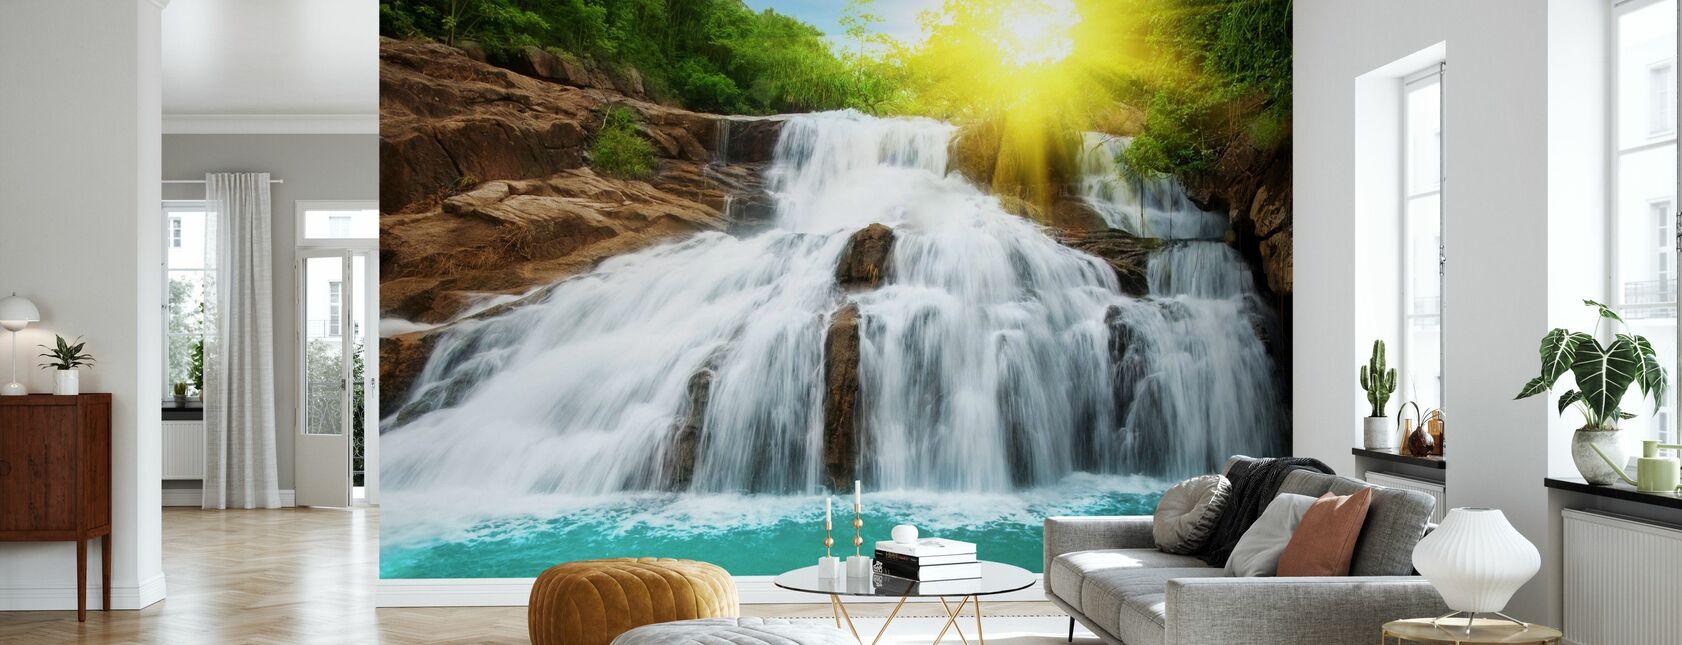 Waterval in regenwoud en zonlicht - Behang - Woonkamer